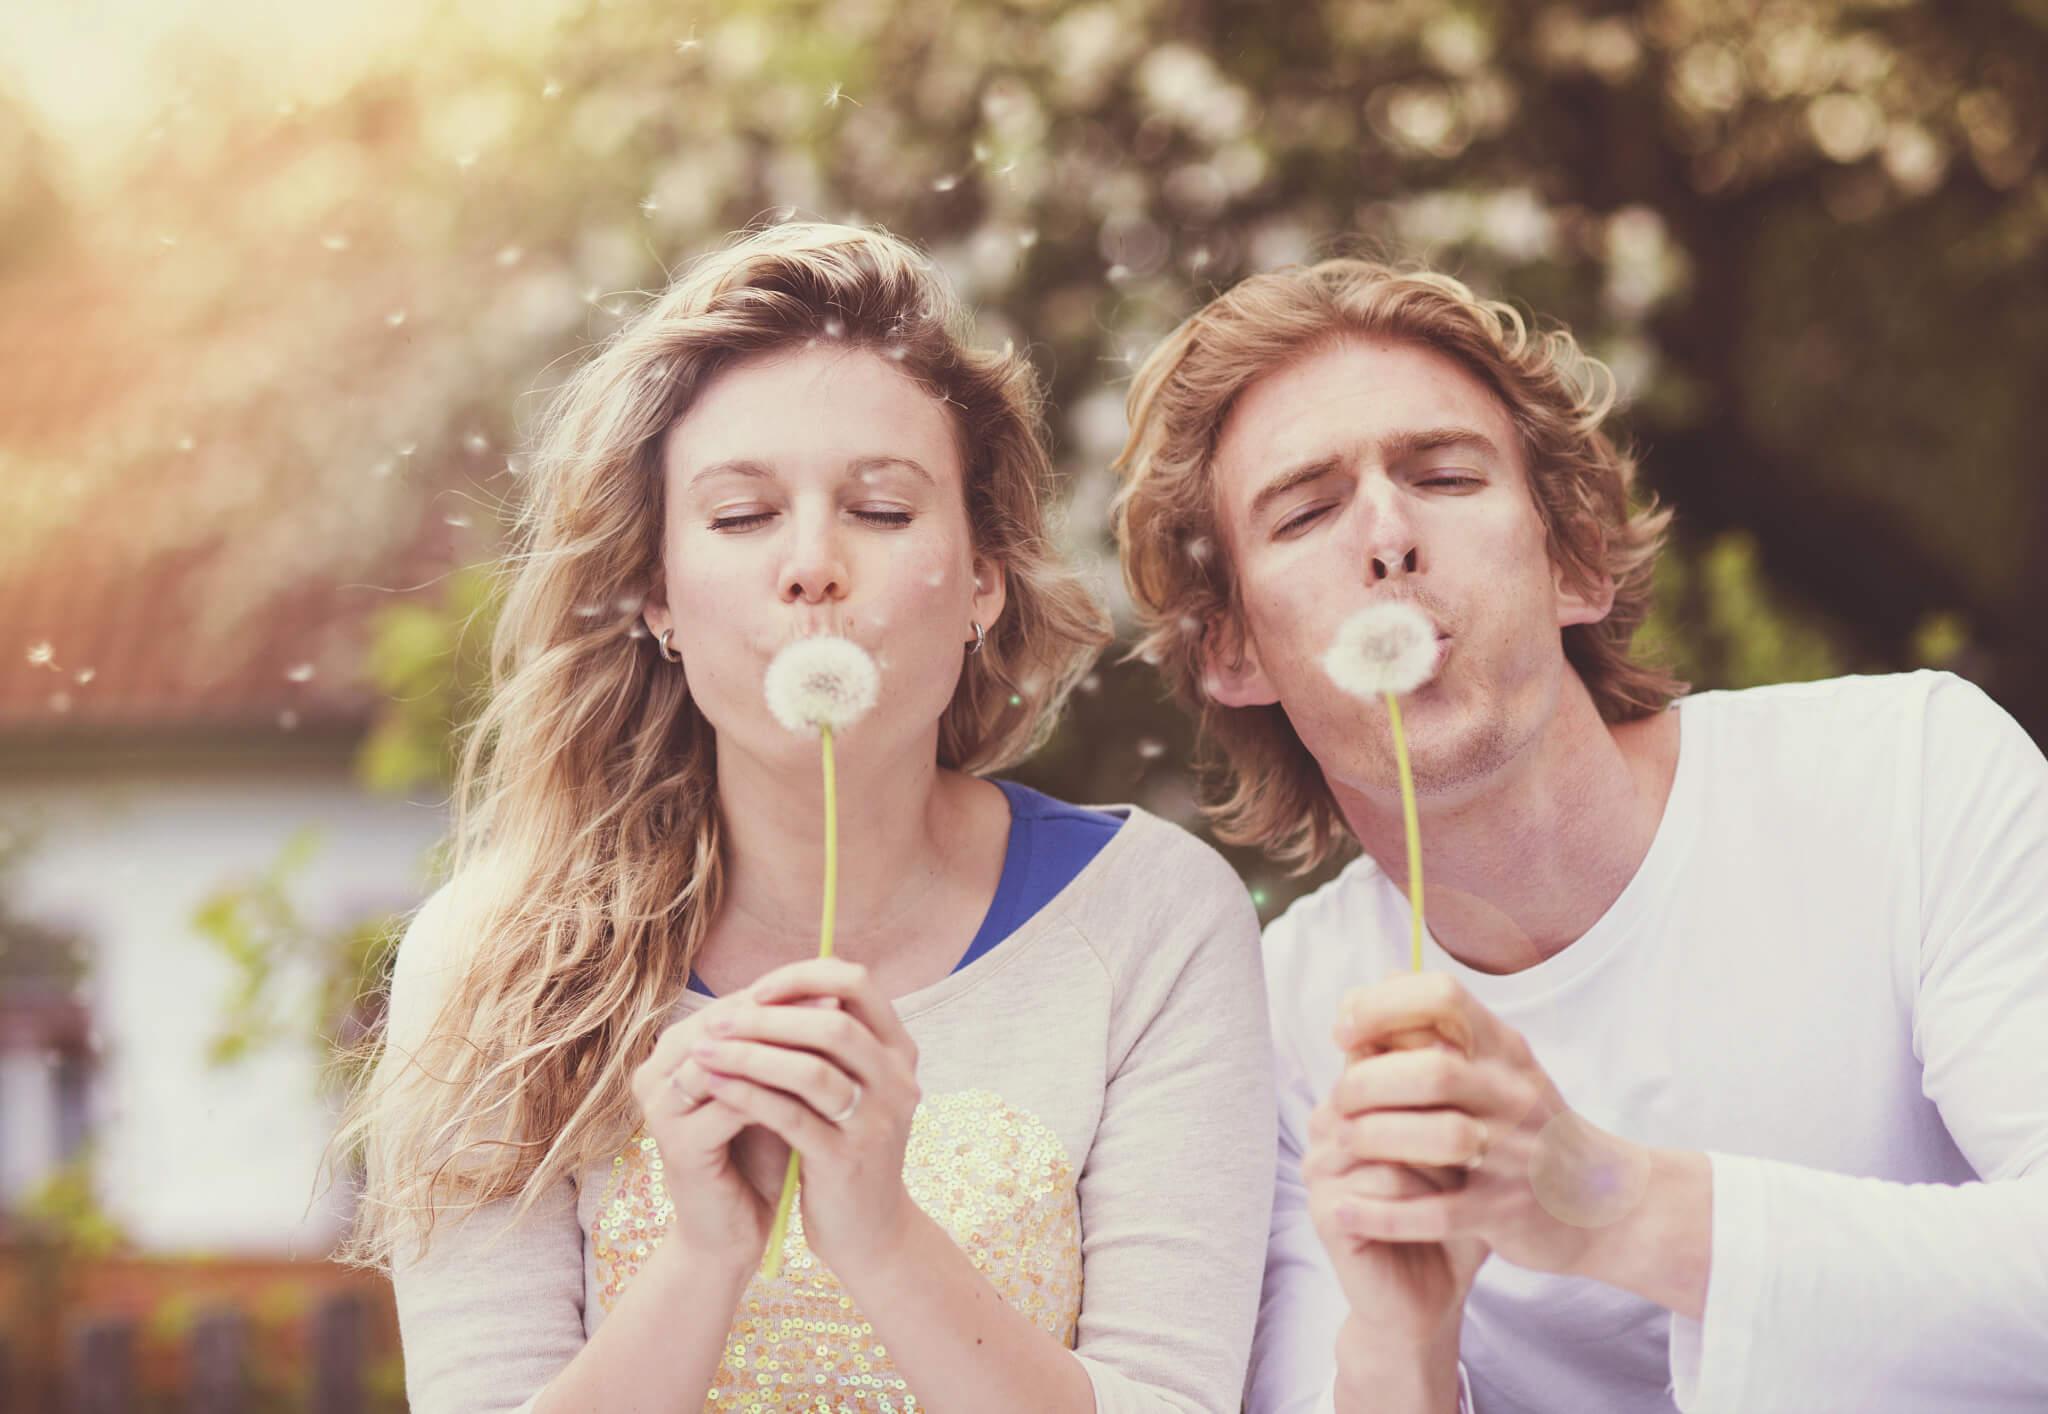 Quando um relacionamento pode se tornar sério?